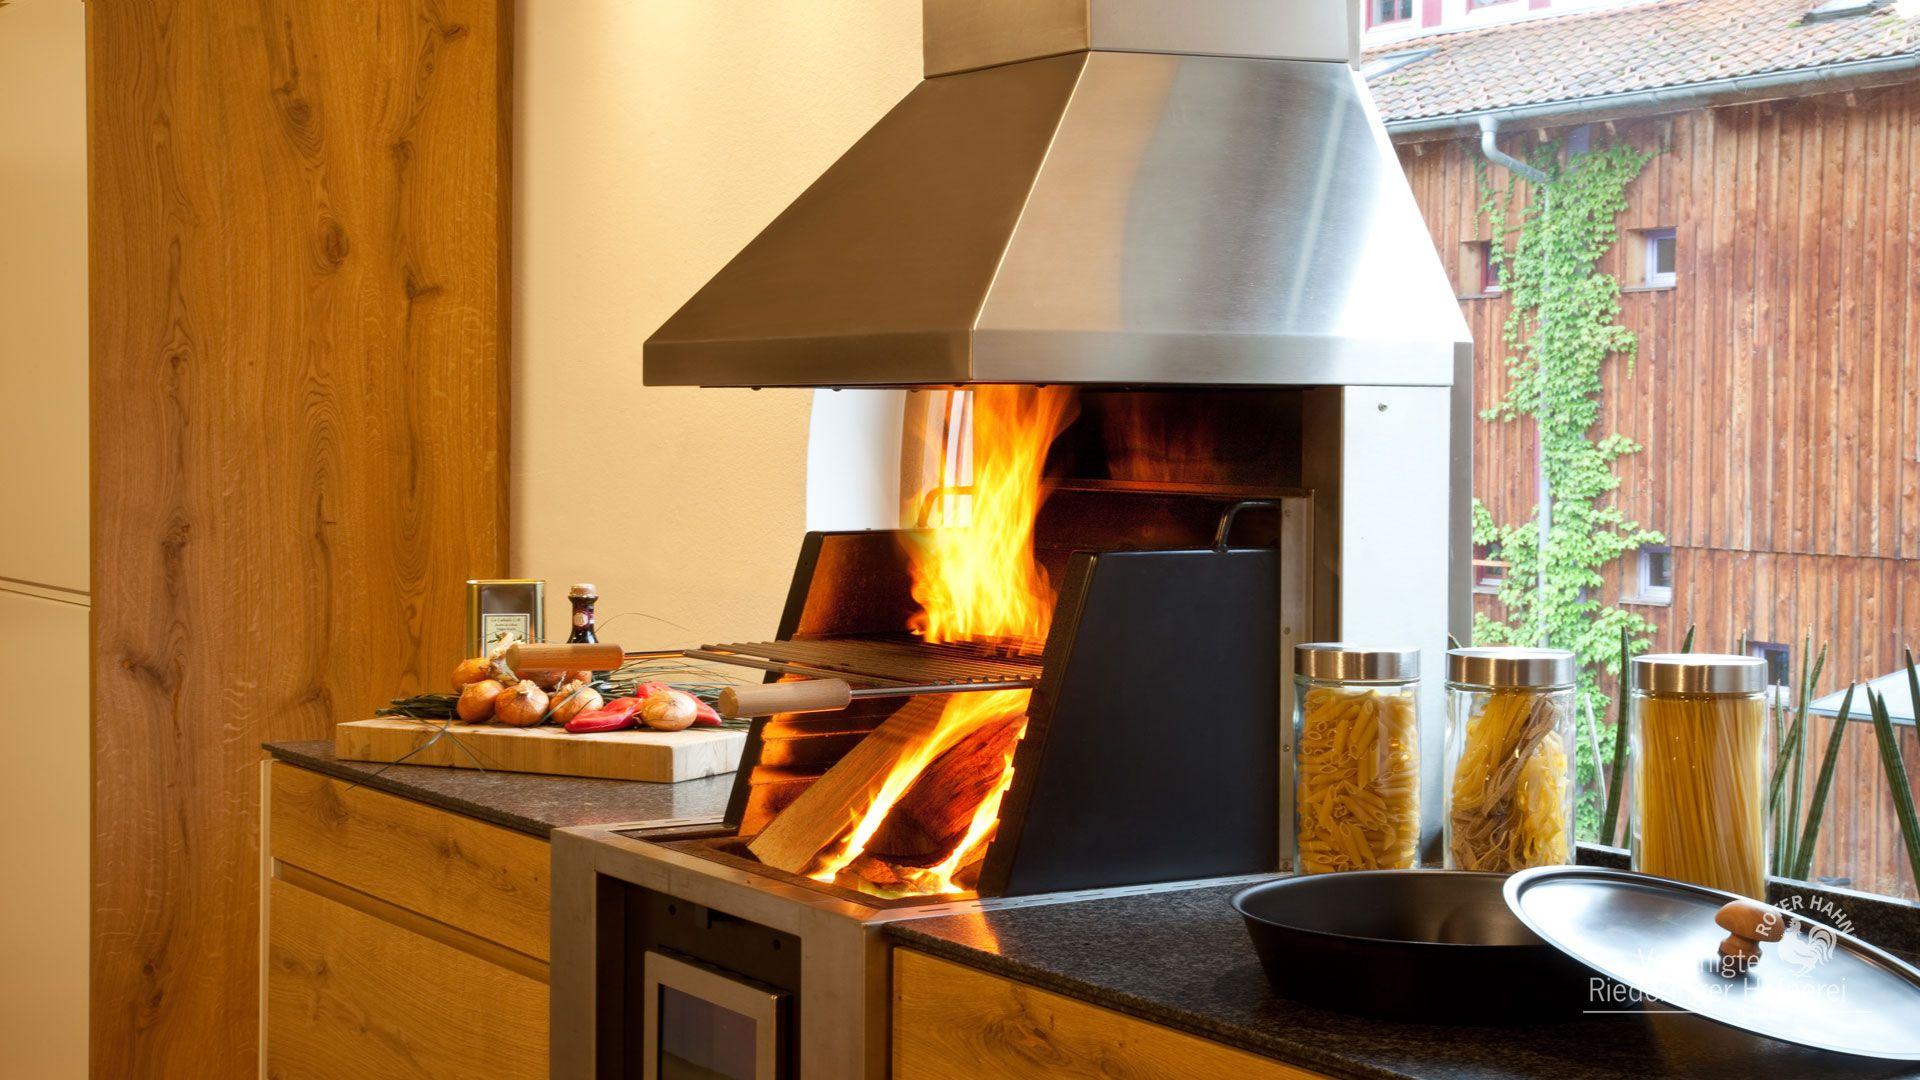 Cook Cook #Herd #Holzfeuerherd #Ofenkunst #Riederinger Hafnerei www.Ofenkunst.de